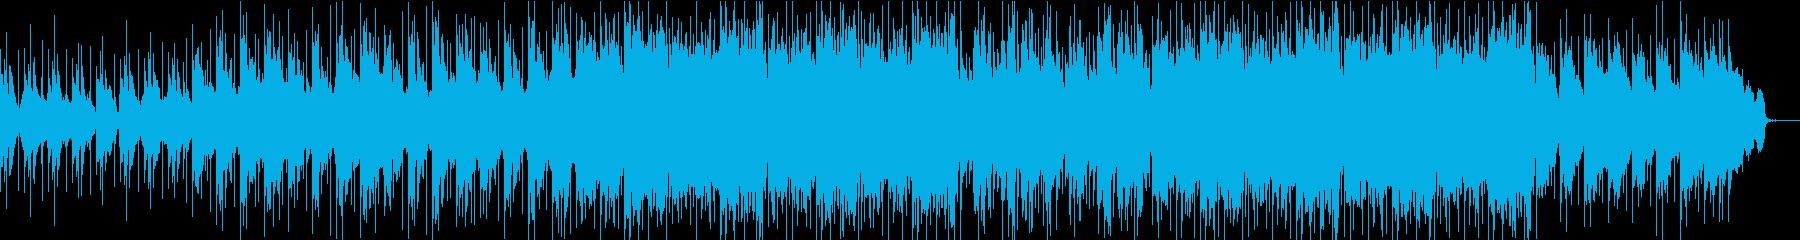 温かくソウルフルな雰囲気のロックバラードの再生済みの波形